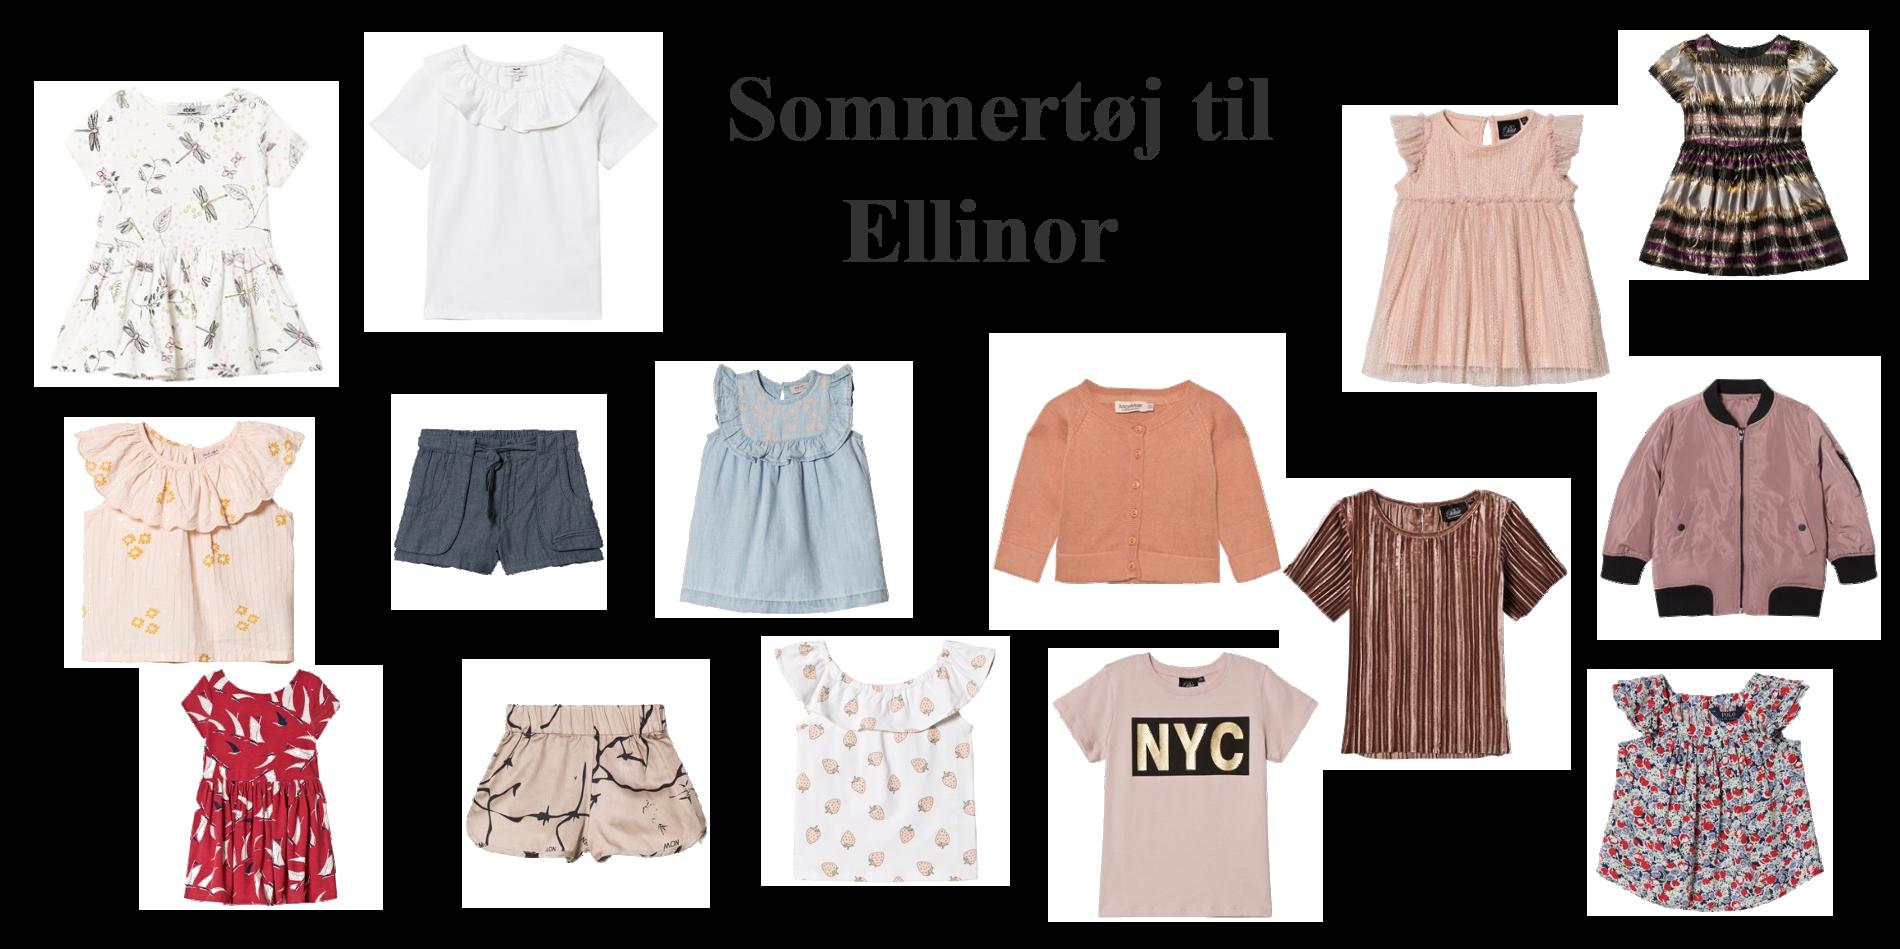 Sommertøj inspiration til Ellinor